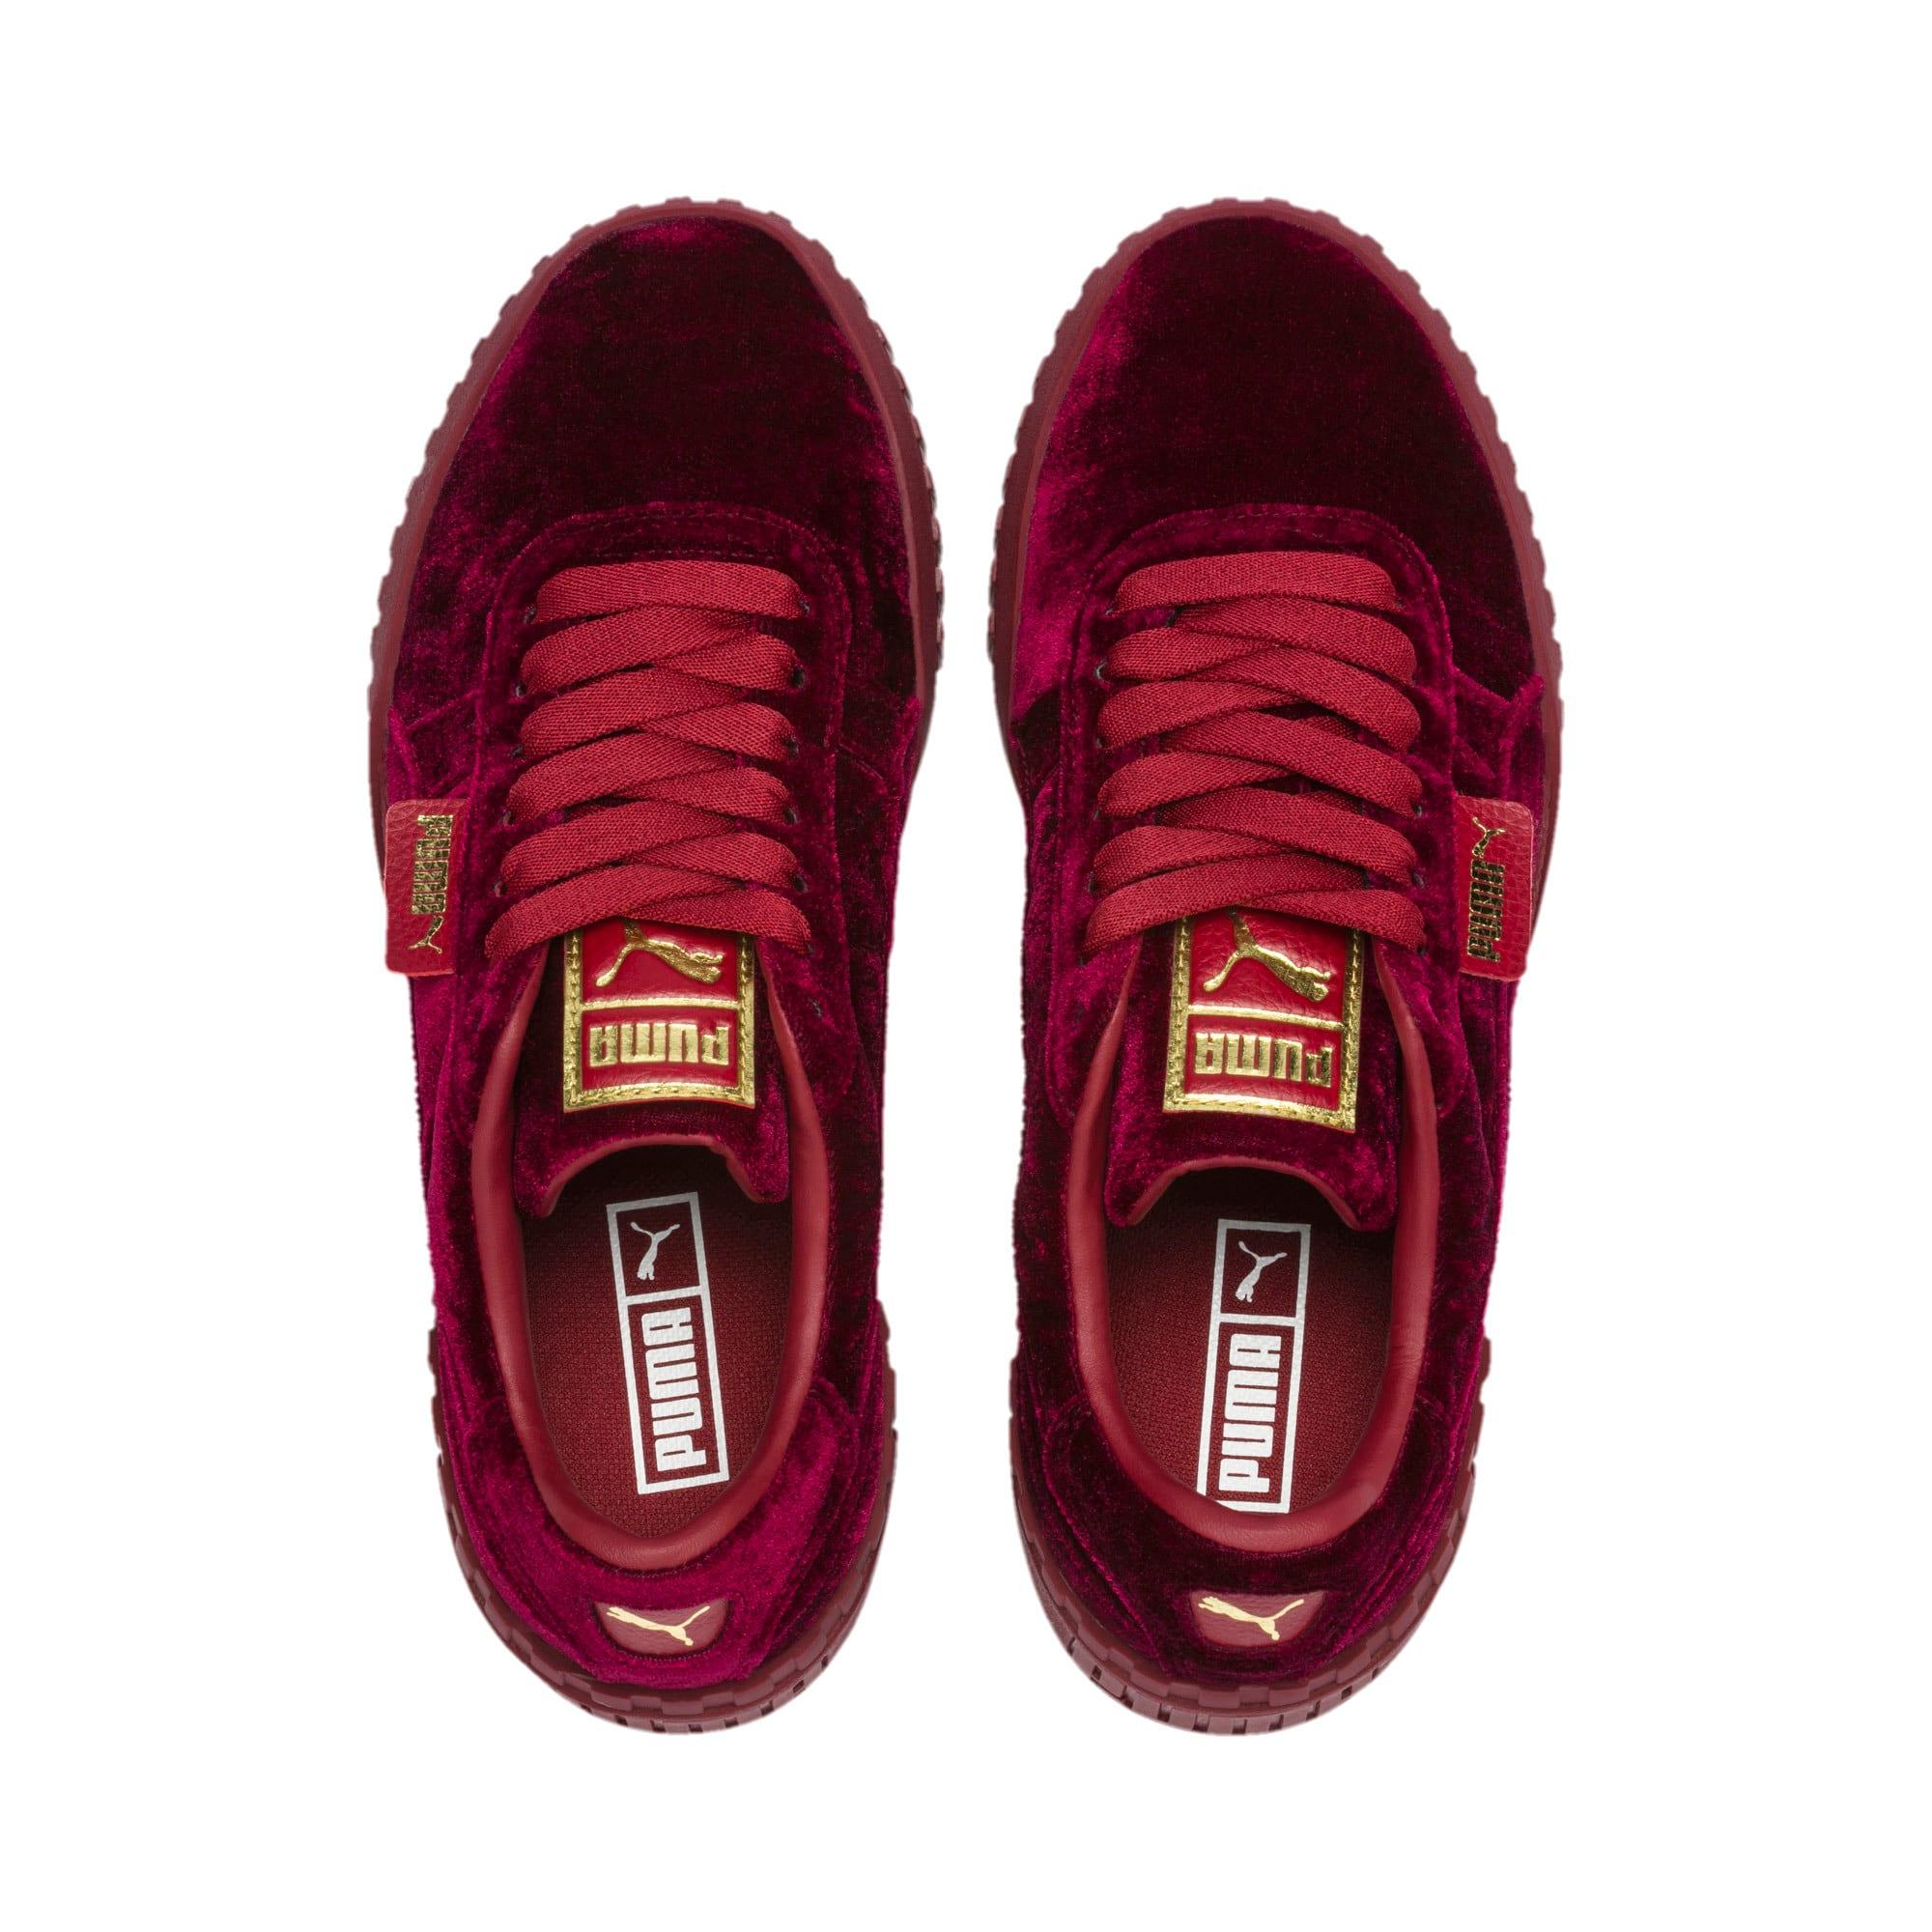 Thumbnail 6 of Cali Velvet Women's Sneakers, Tibetan Red-Tibetan Red, medium